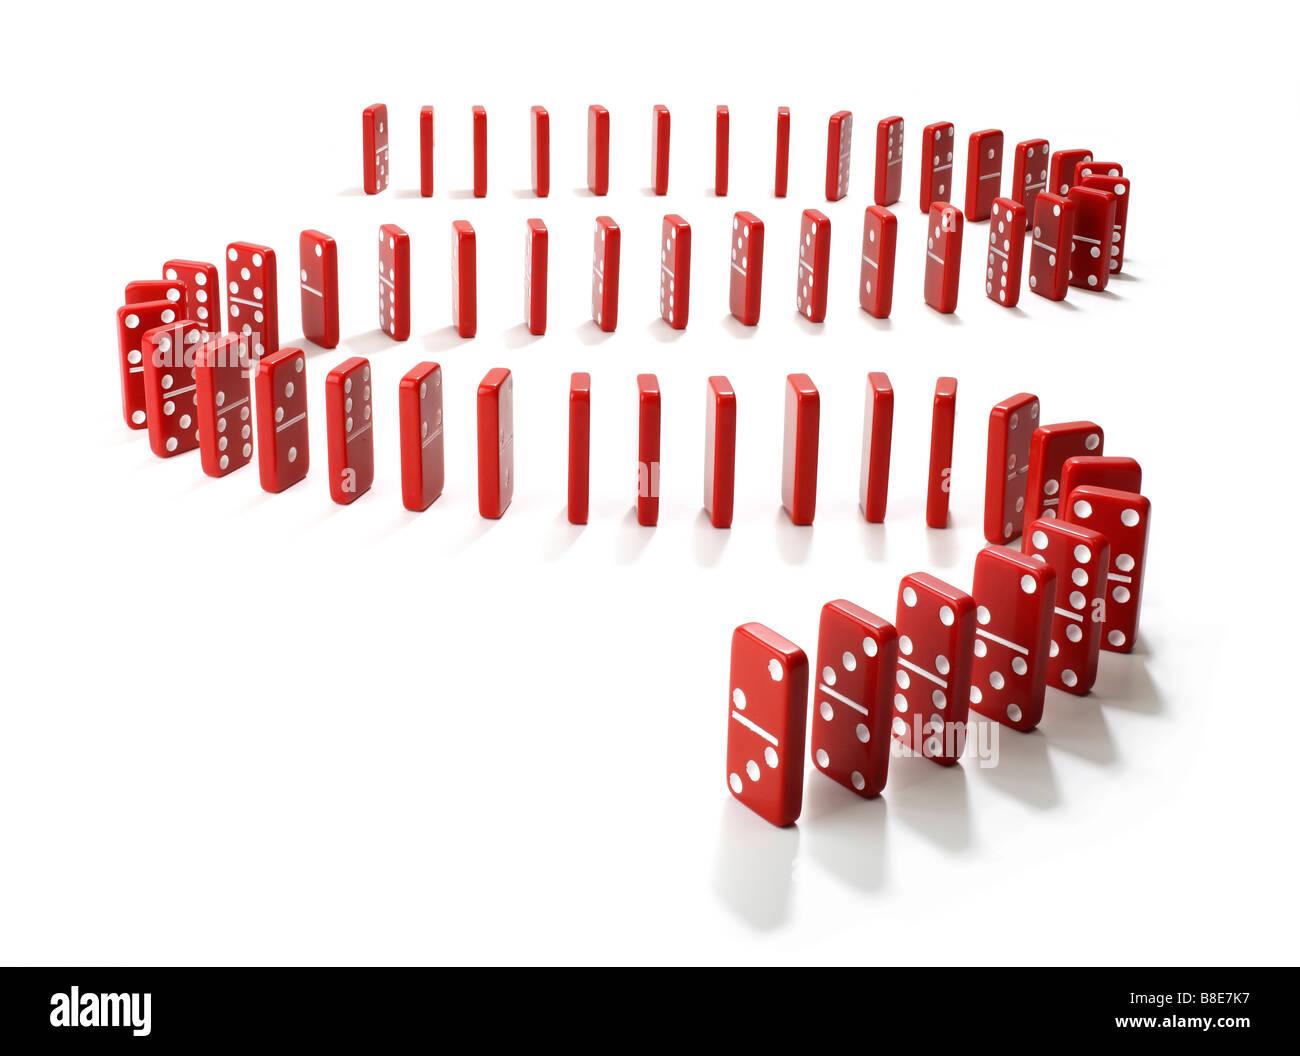 Studio shot di una fila di rosso del Domino allineate Immagini Stock